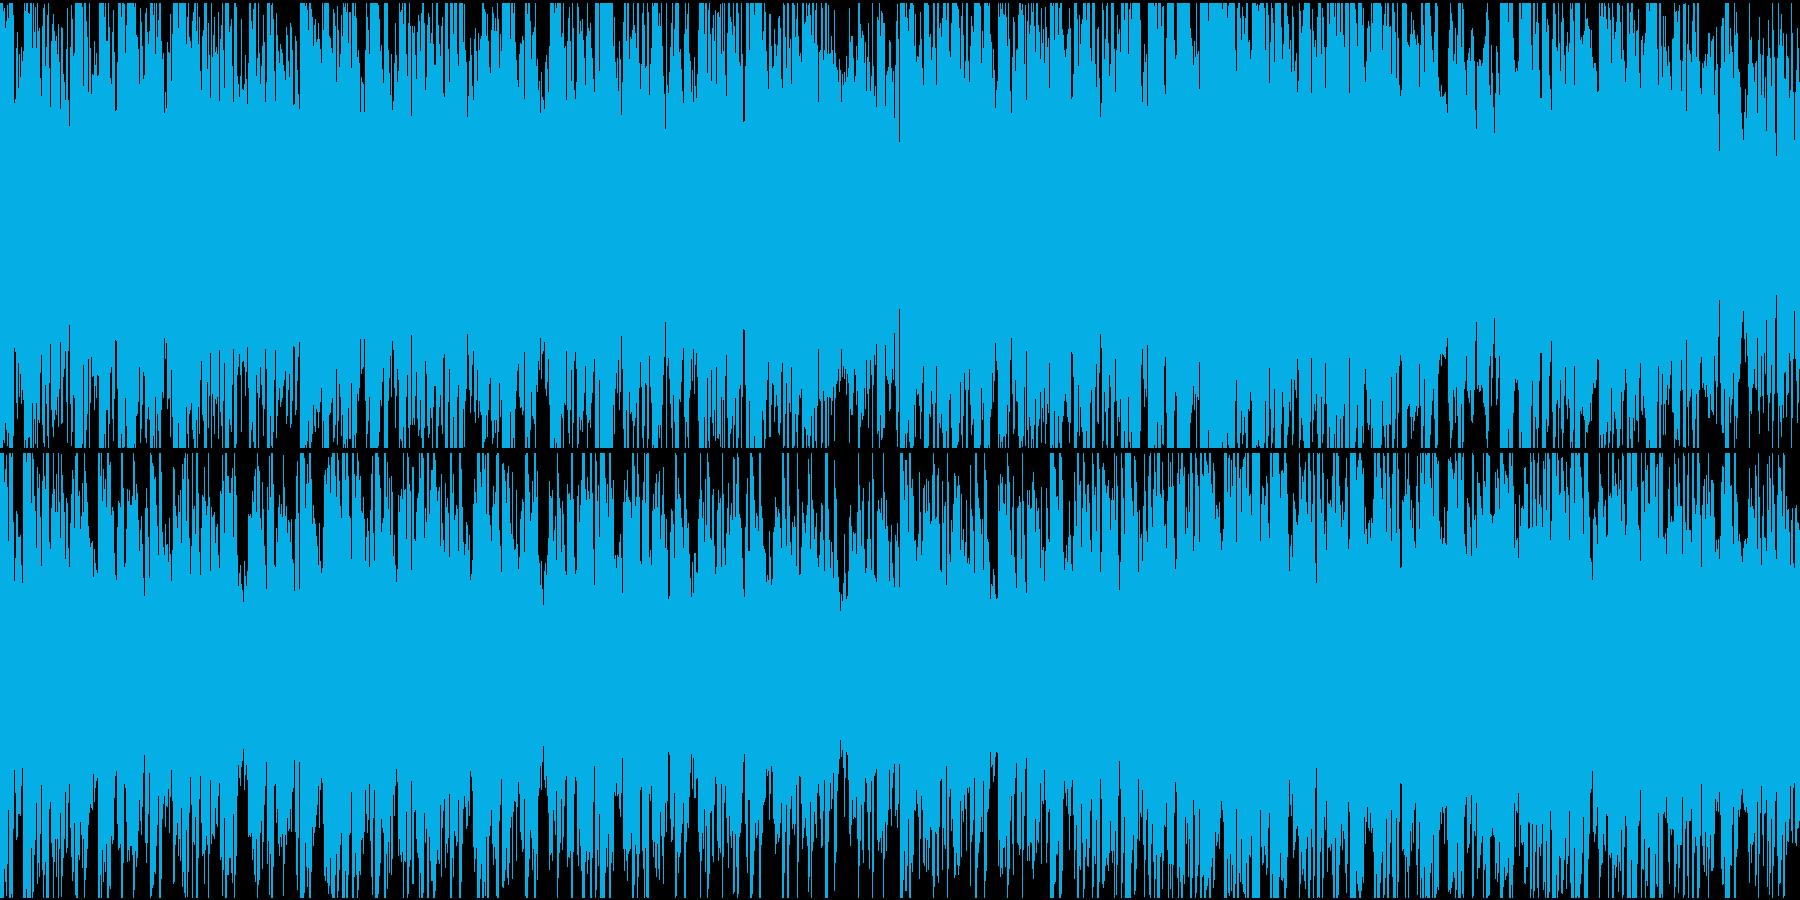 冷たい雰囲気のBGMの再生済みの波形